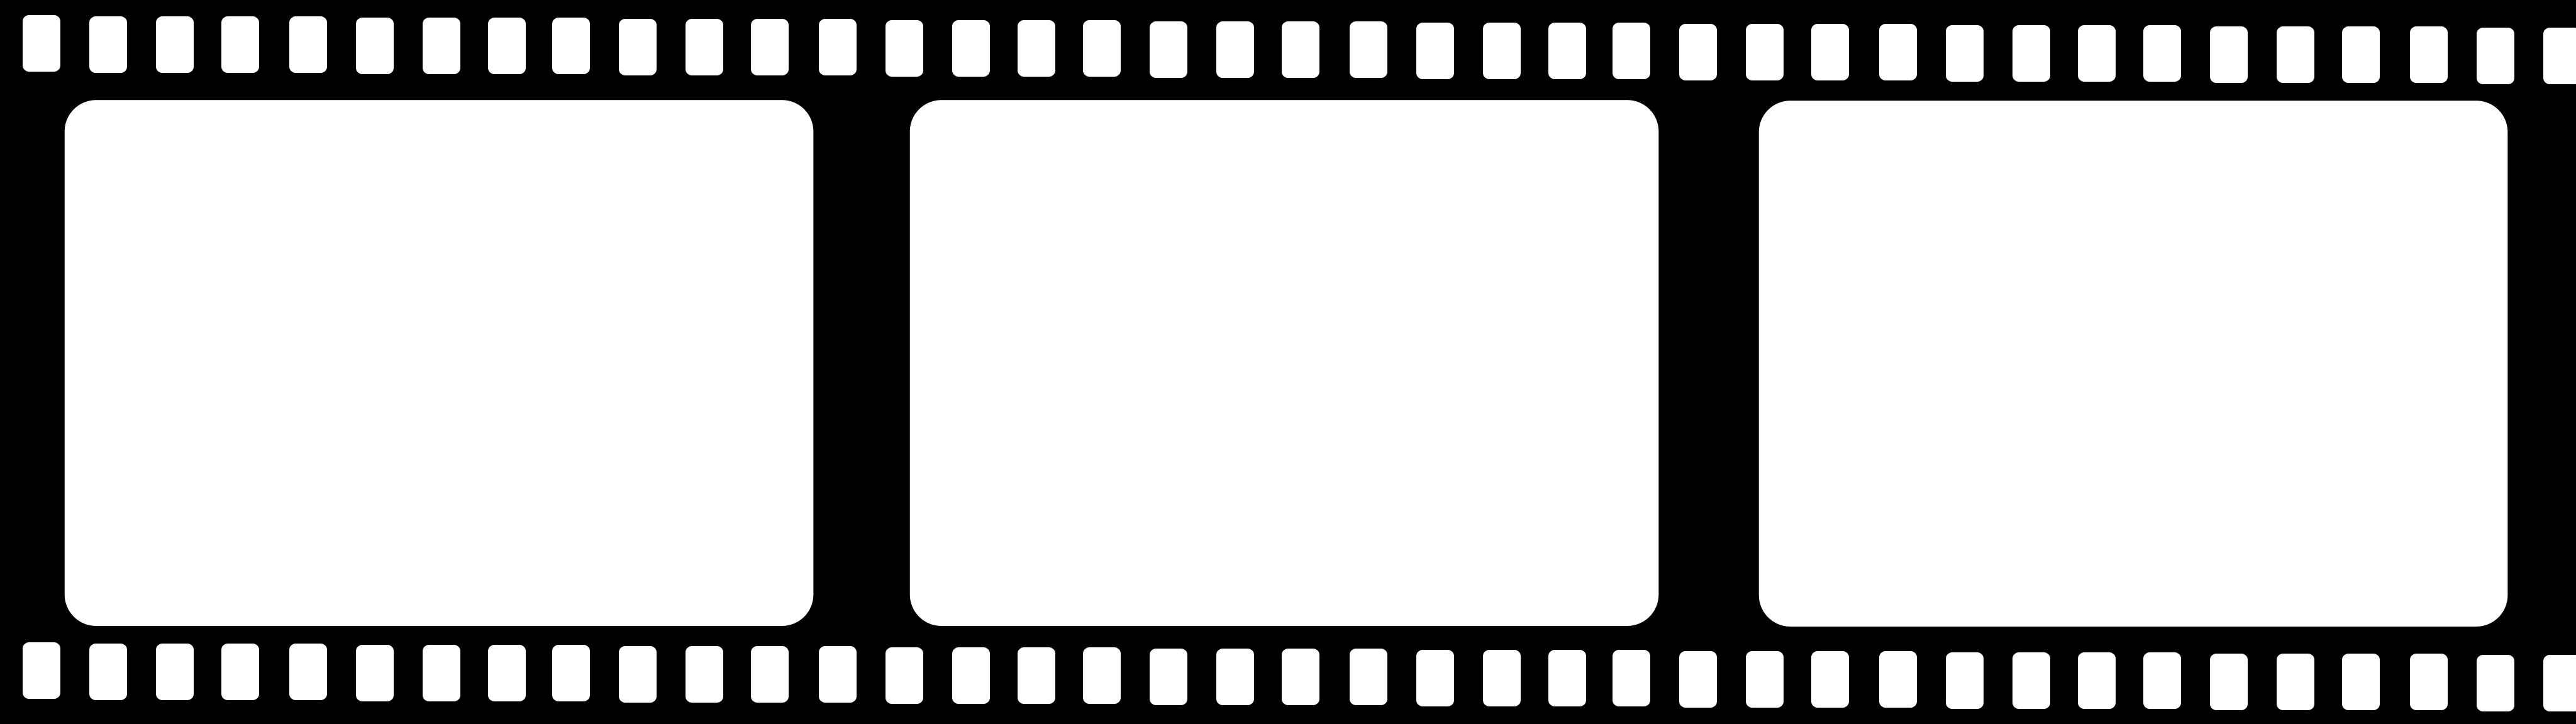 Film Reel by DeepSearch 4096x1152